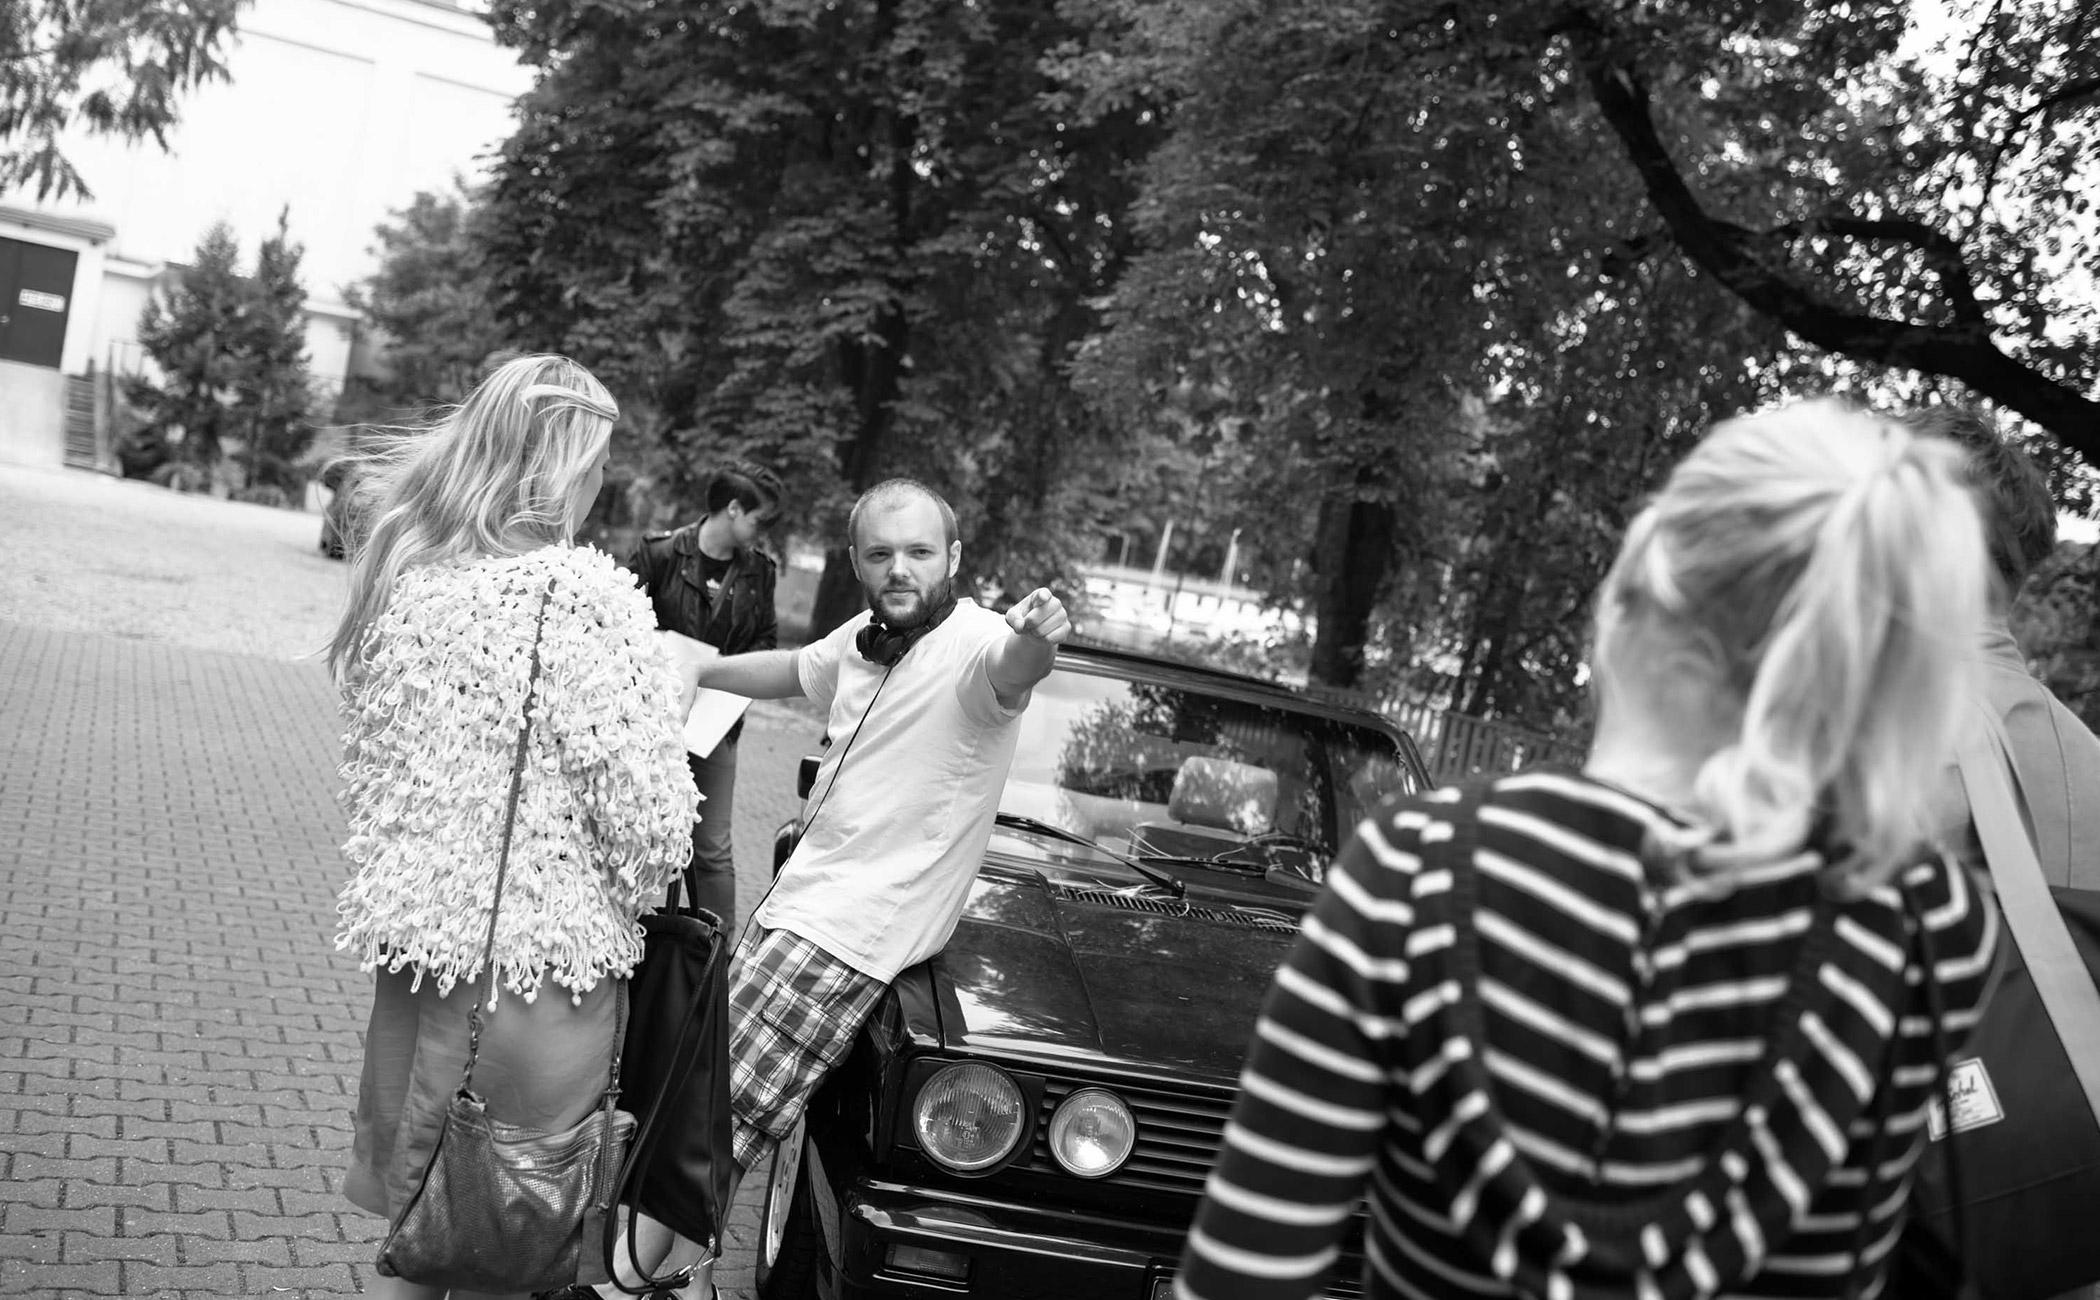 Friendship Berlin